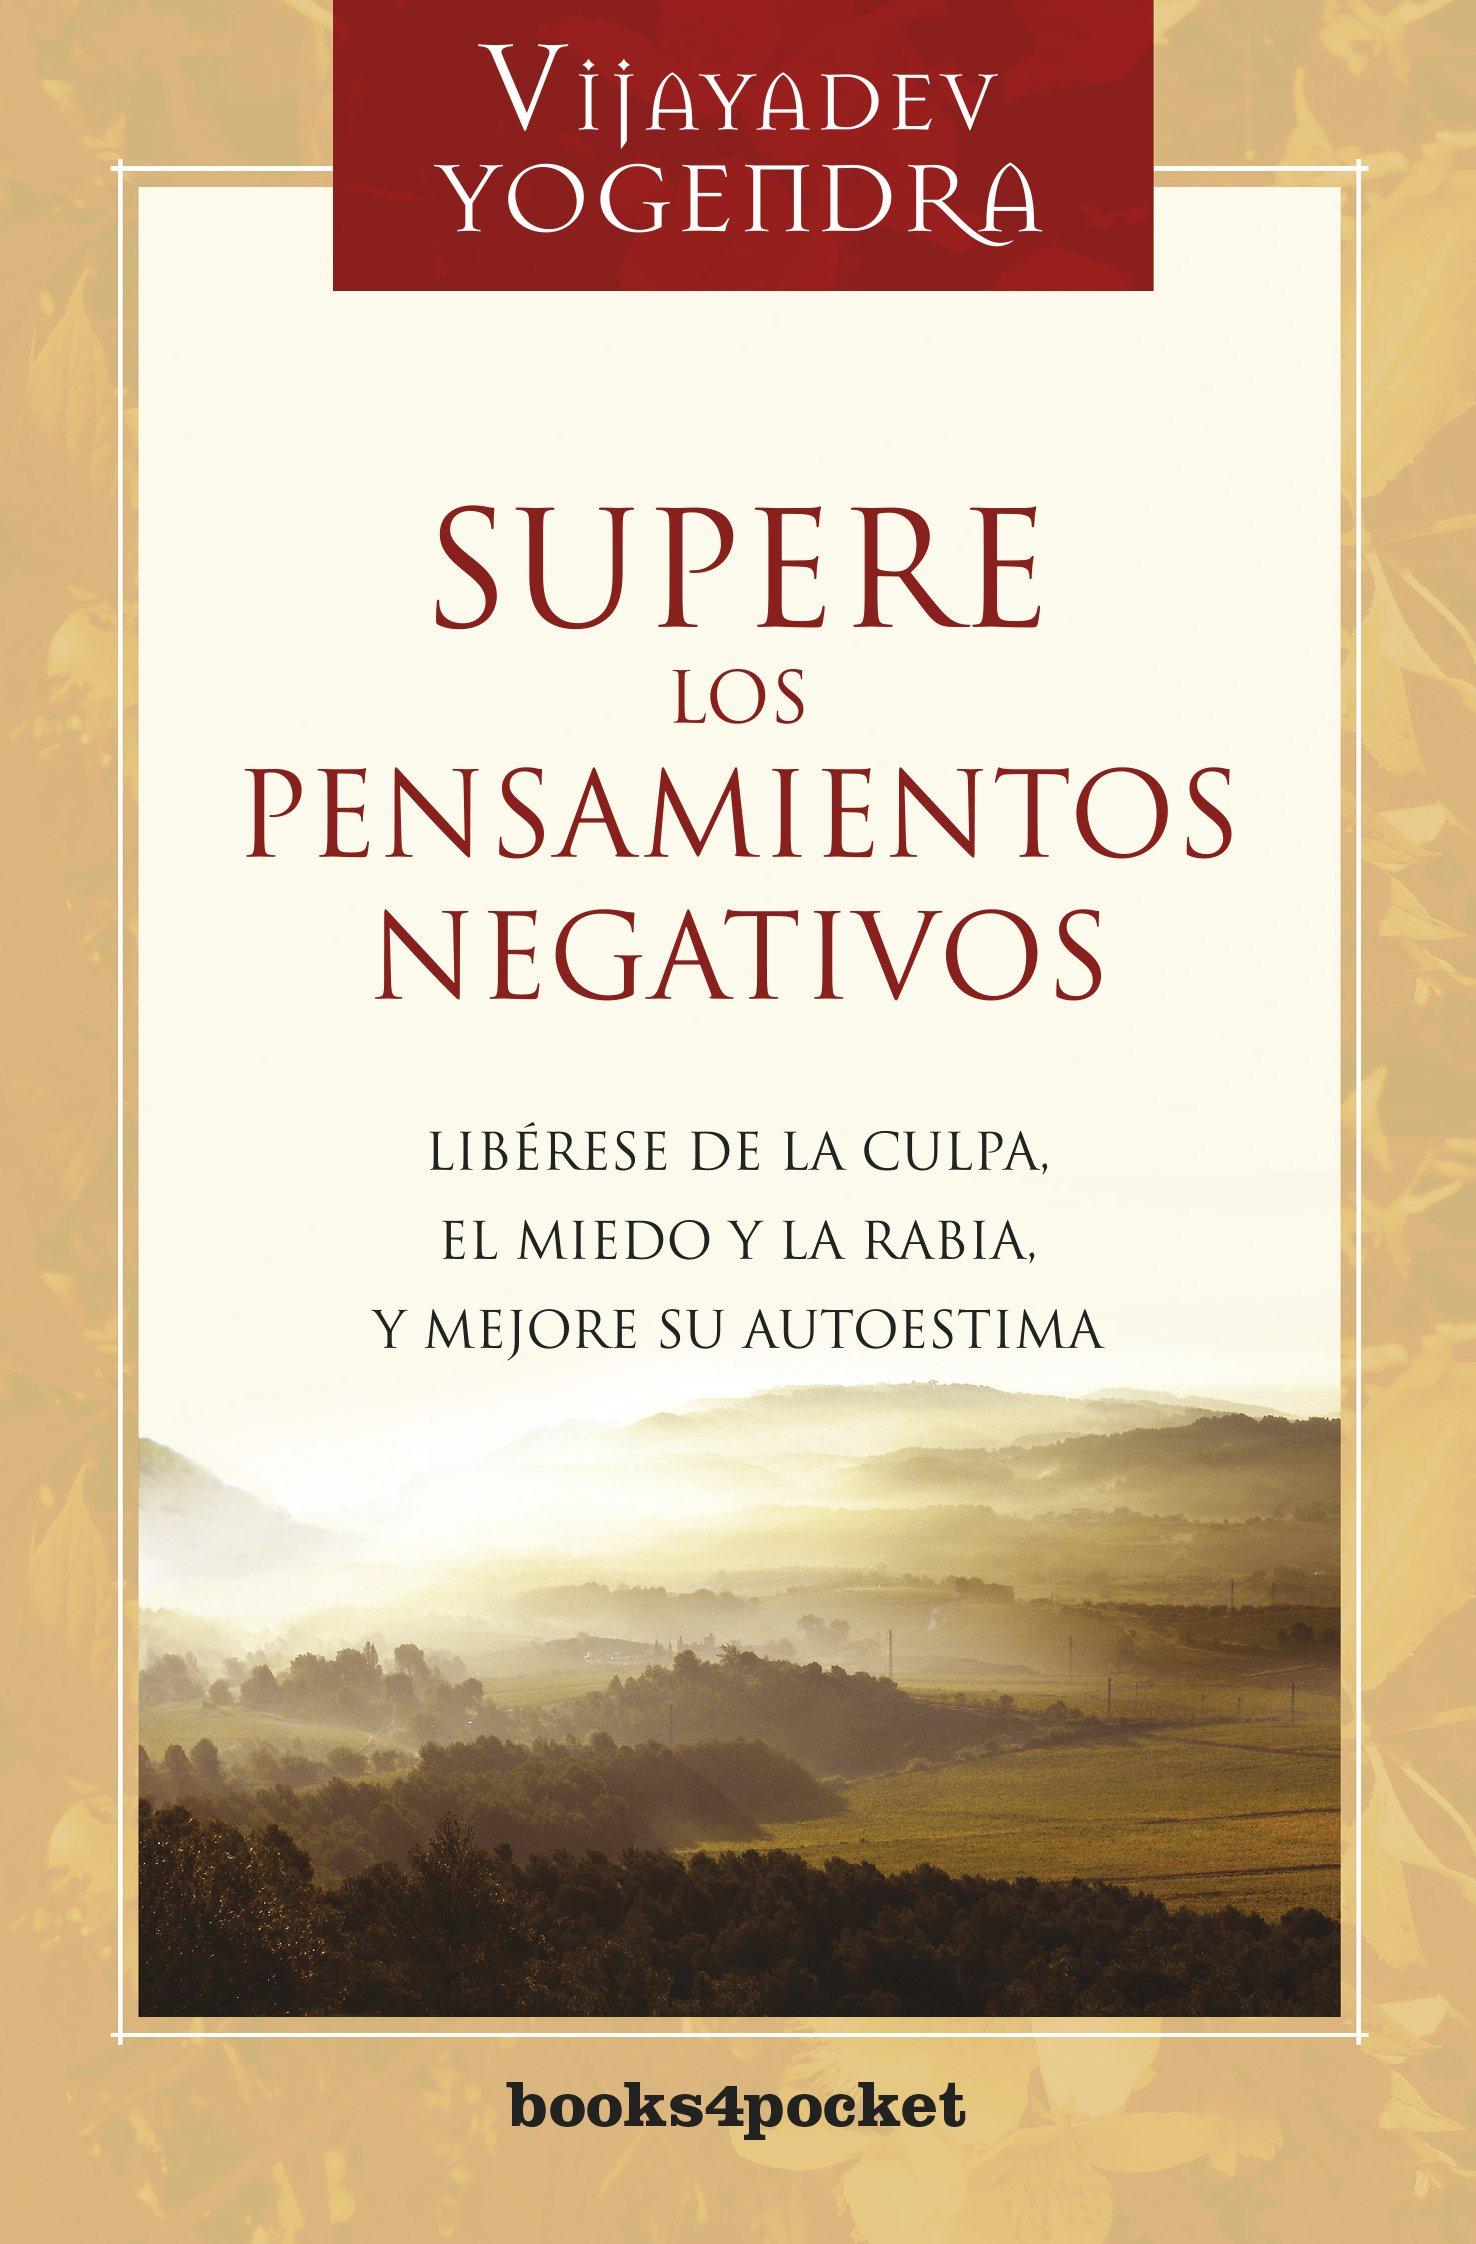 Supere los pensamientos negativos (Spanish Edition) ebook